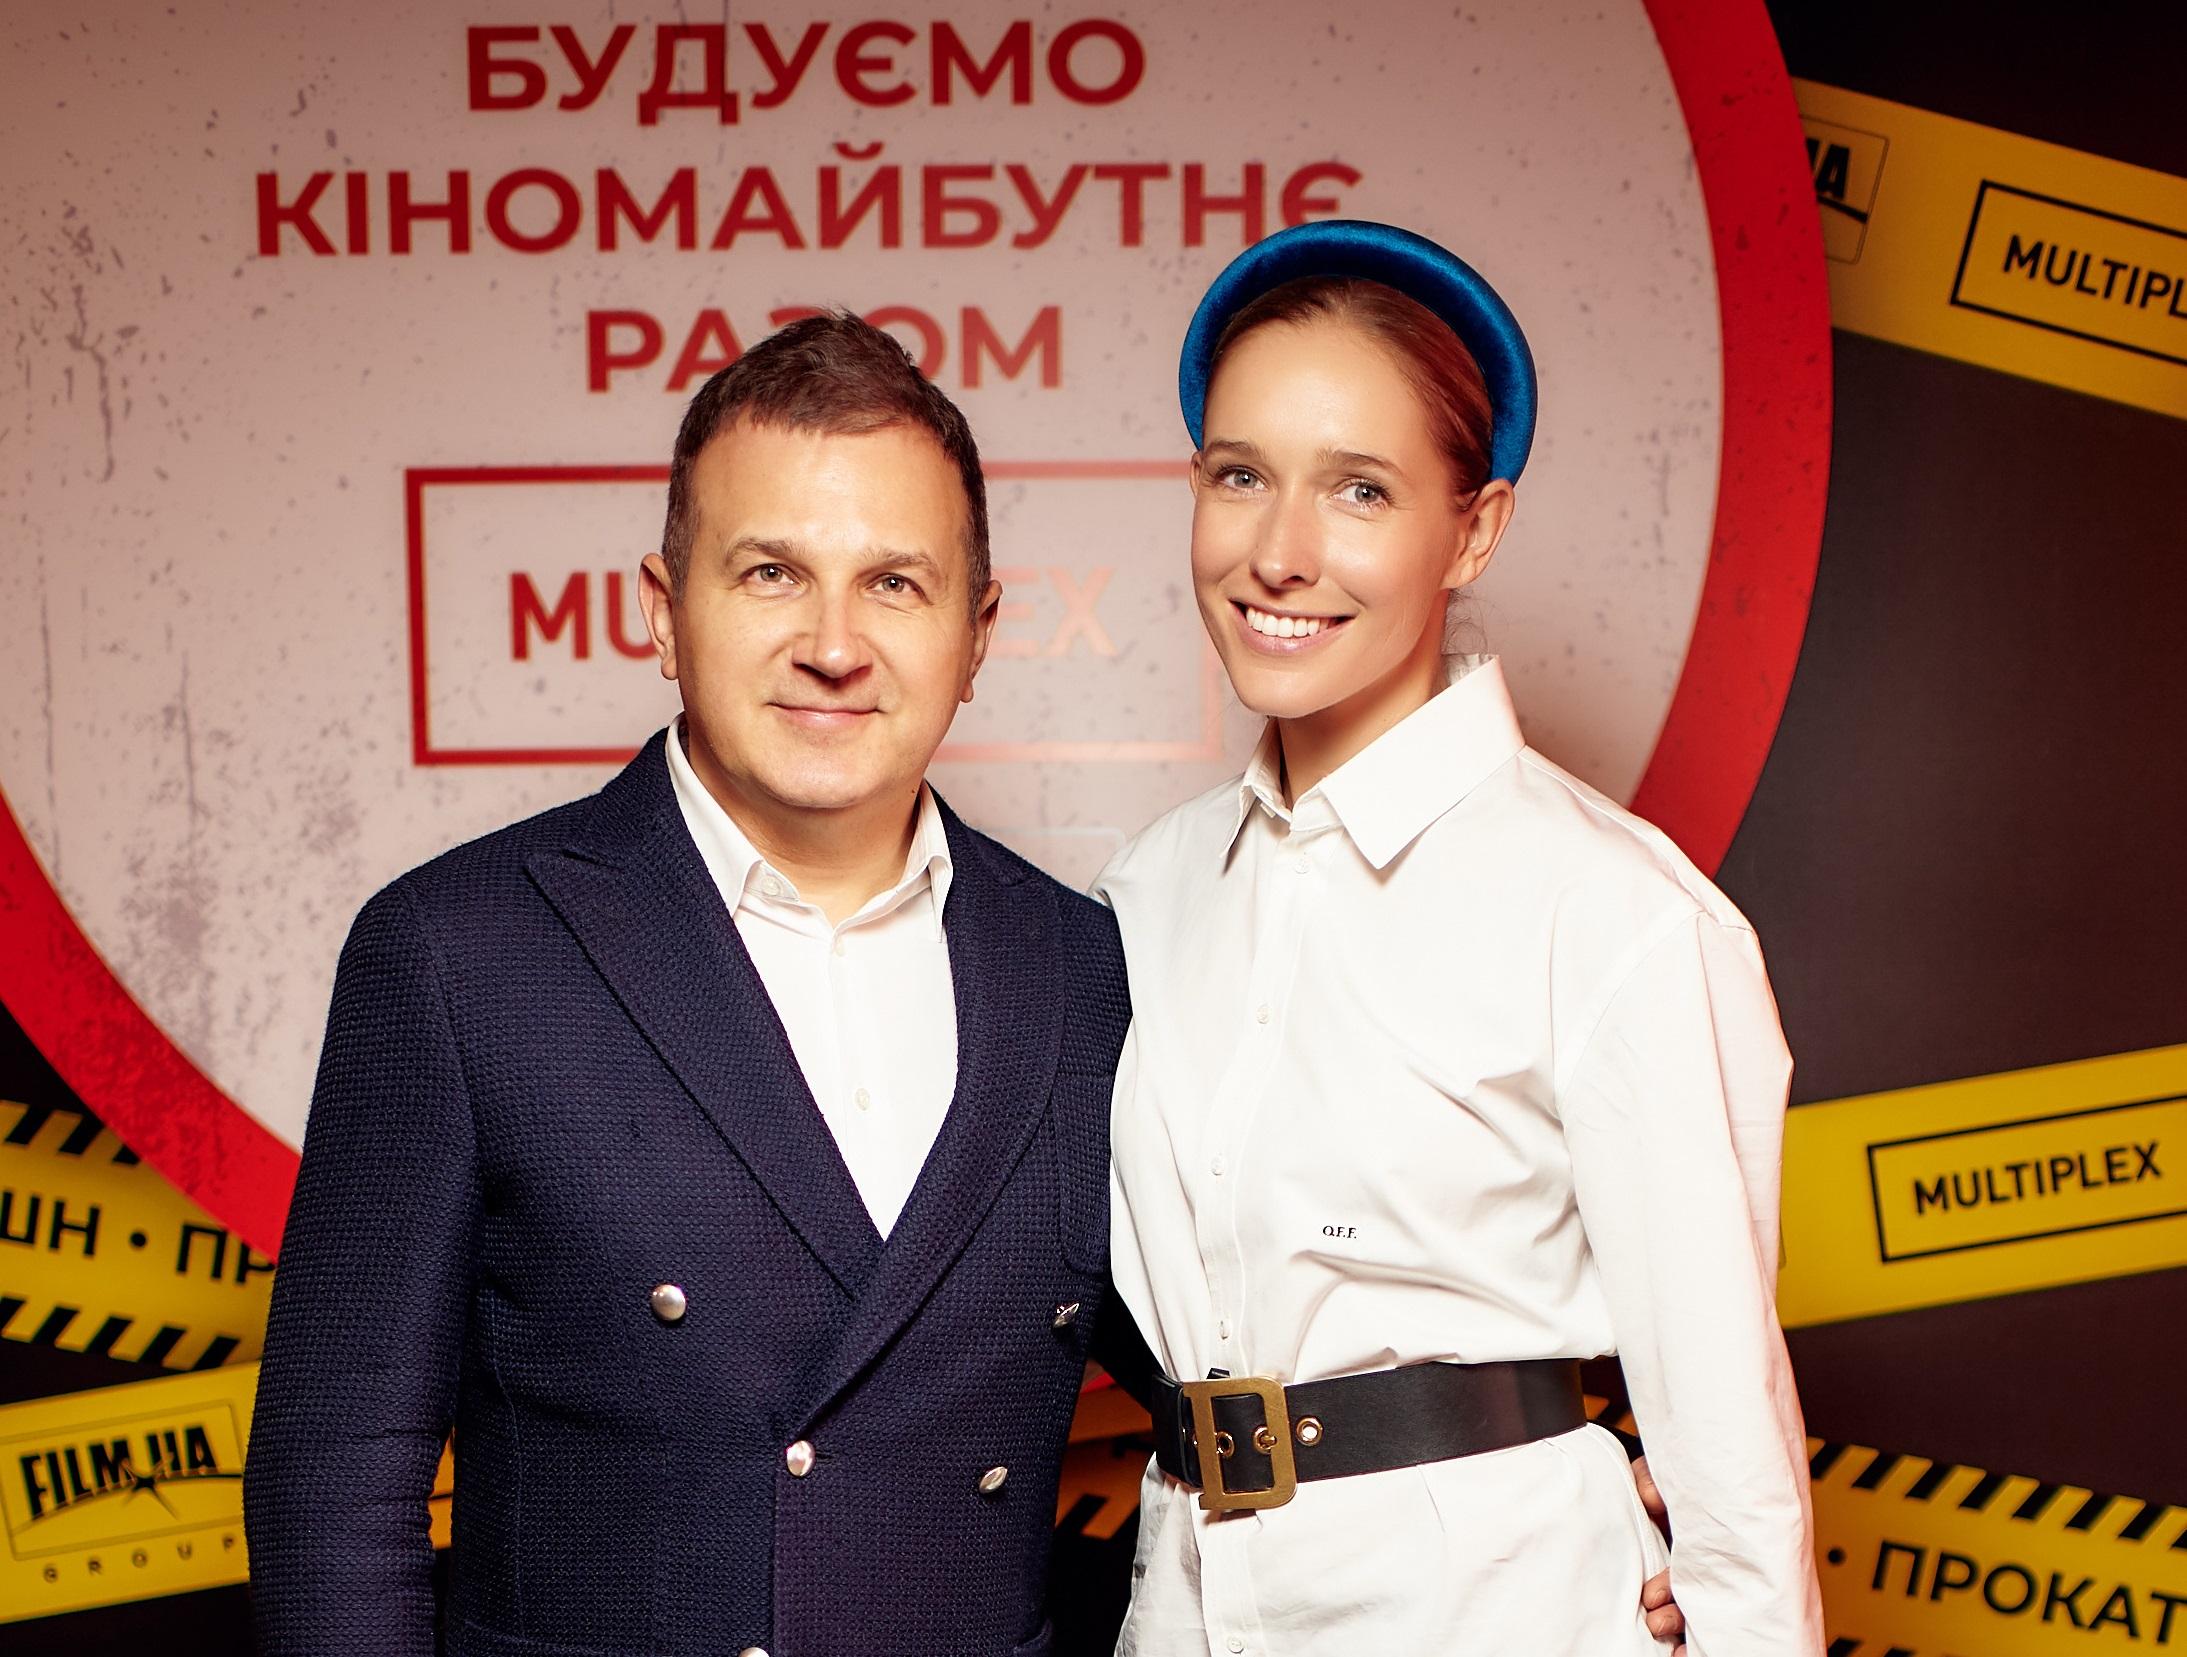 Ведущий презентации Юрий Горбунов с Катей Осадчей